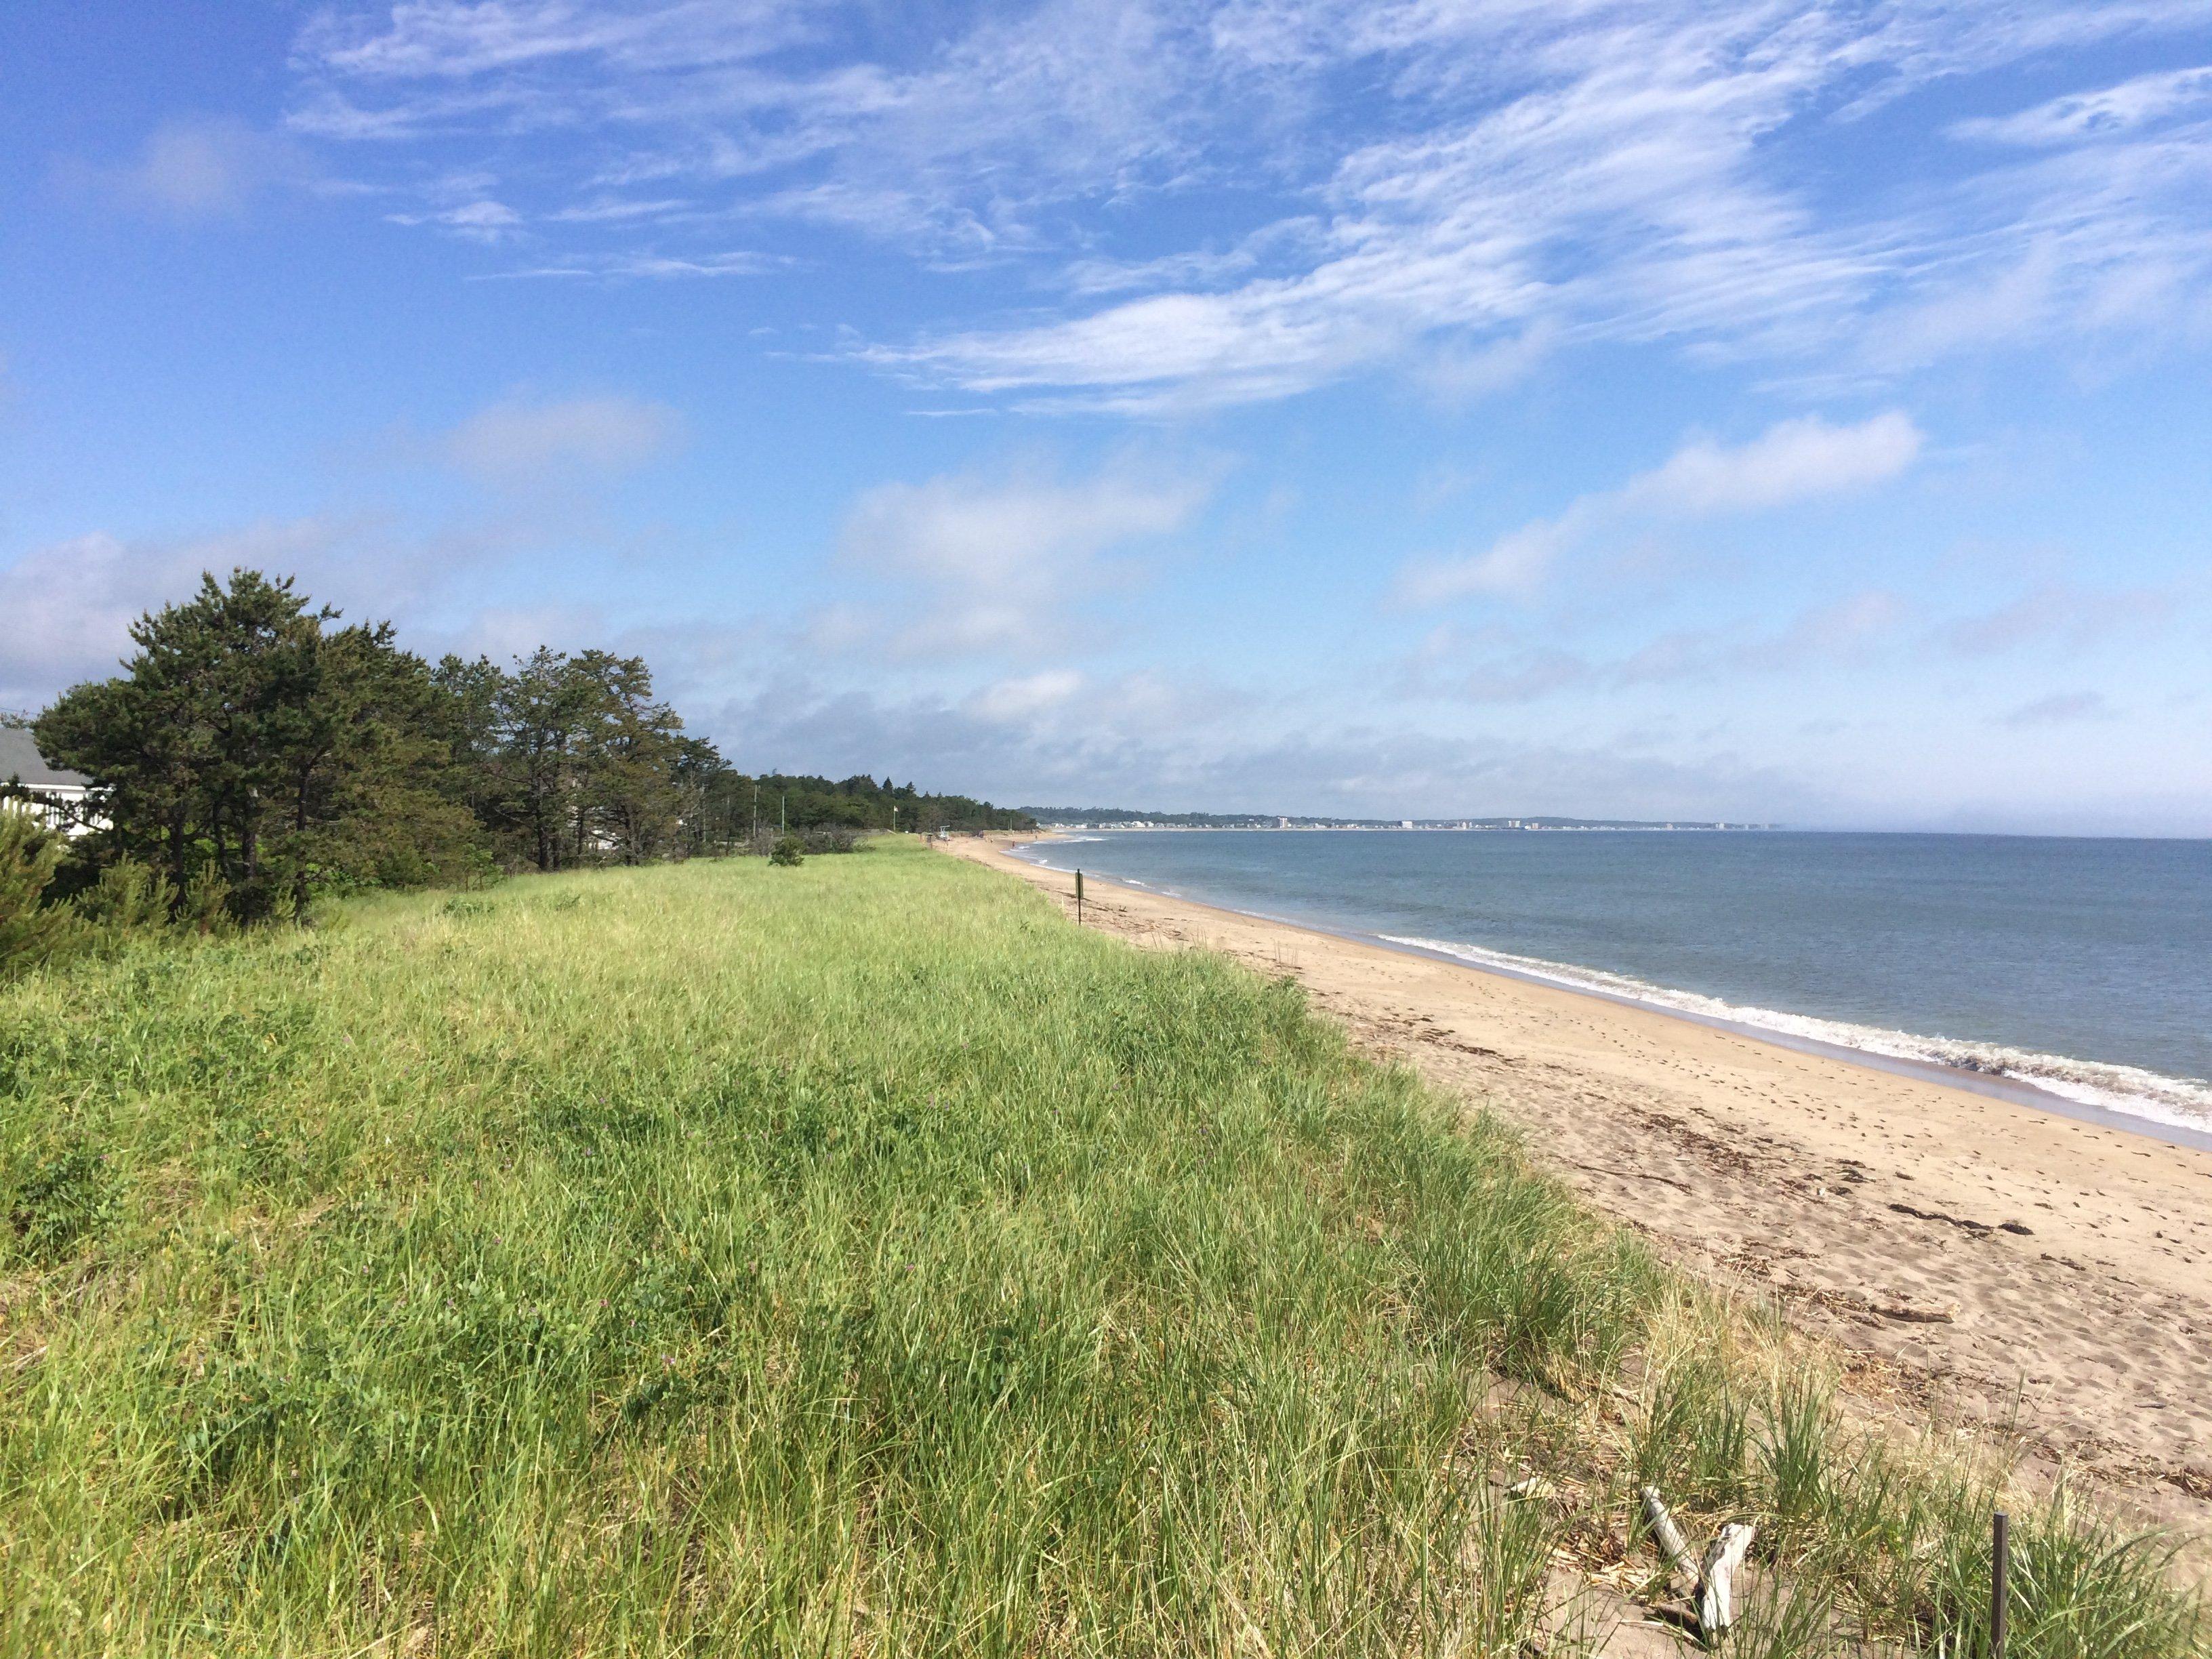 Looking North at Saco Bay